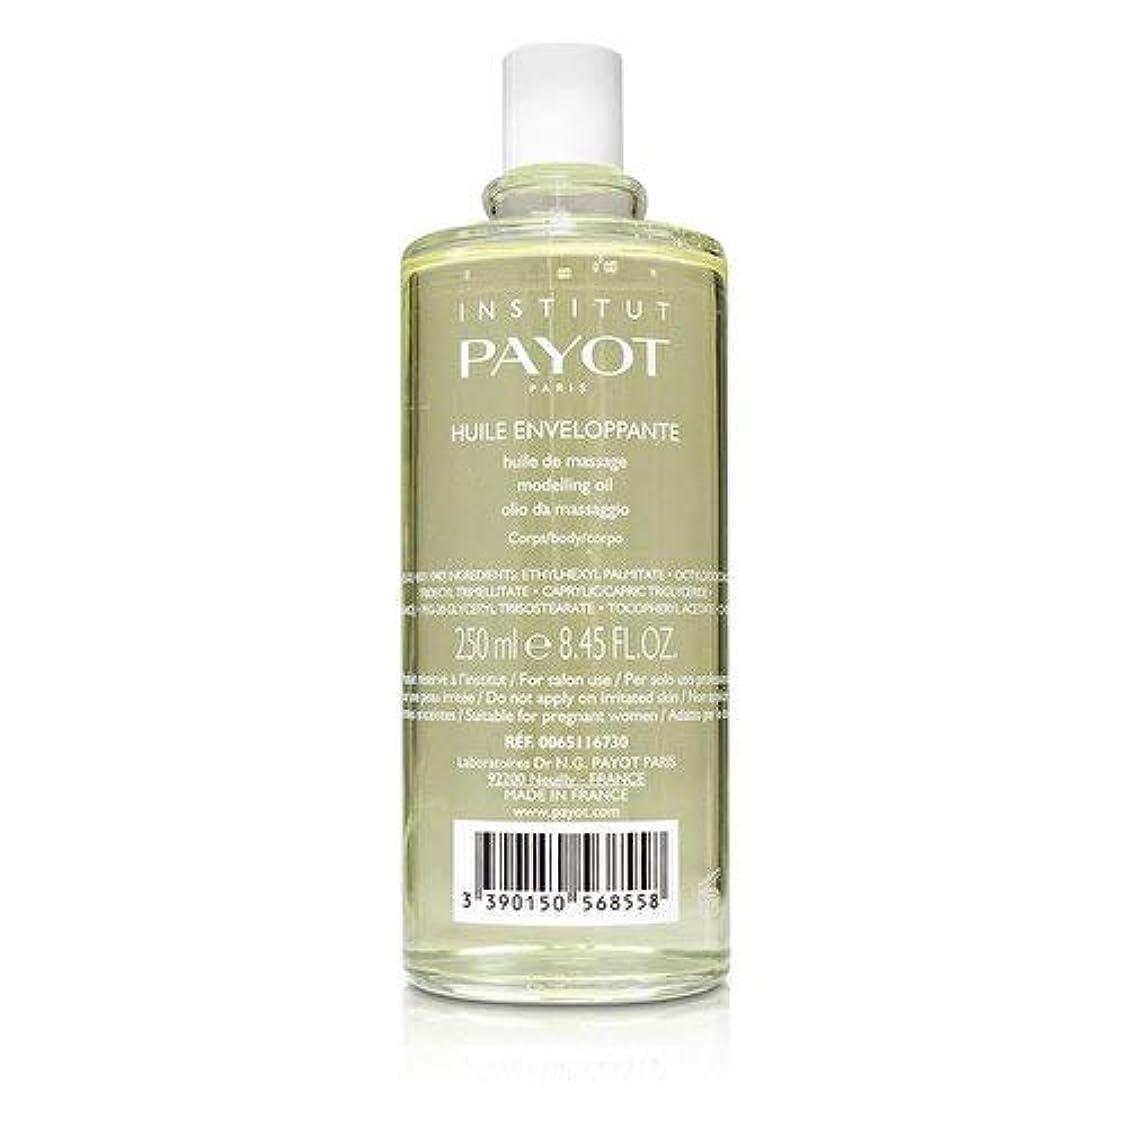 式手段受け継ぐパイヨ Huile Enveloppante - Body Massage Oil (Orange Blossom & Rose) (Salon Product) 250ml/8.4oz並行輸入品